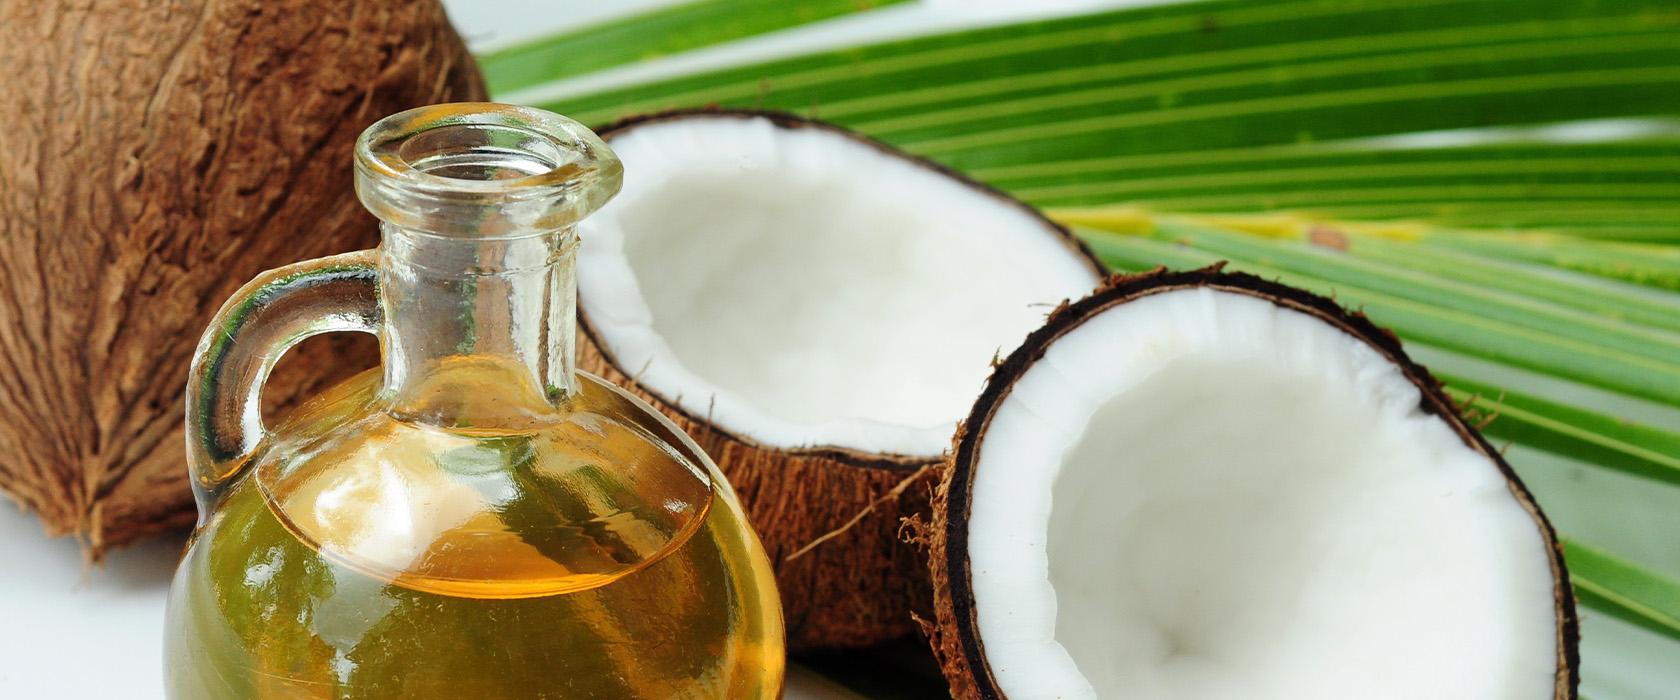 Кокосовое масло нерафинированное холодного отжима для волос